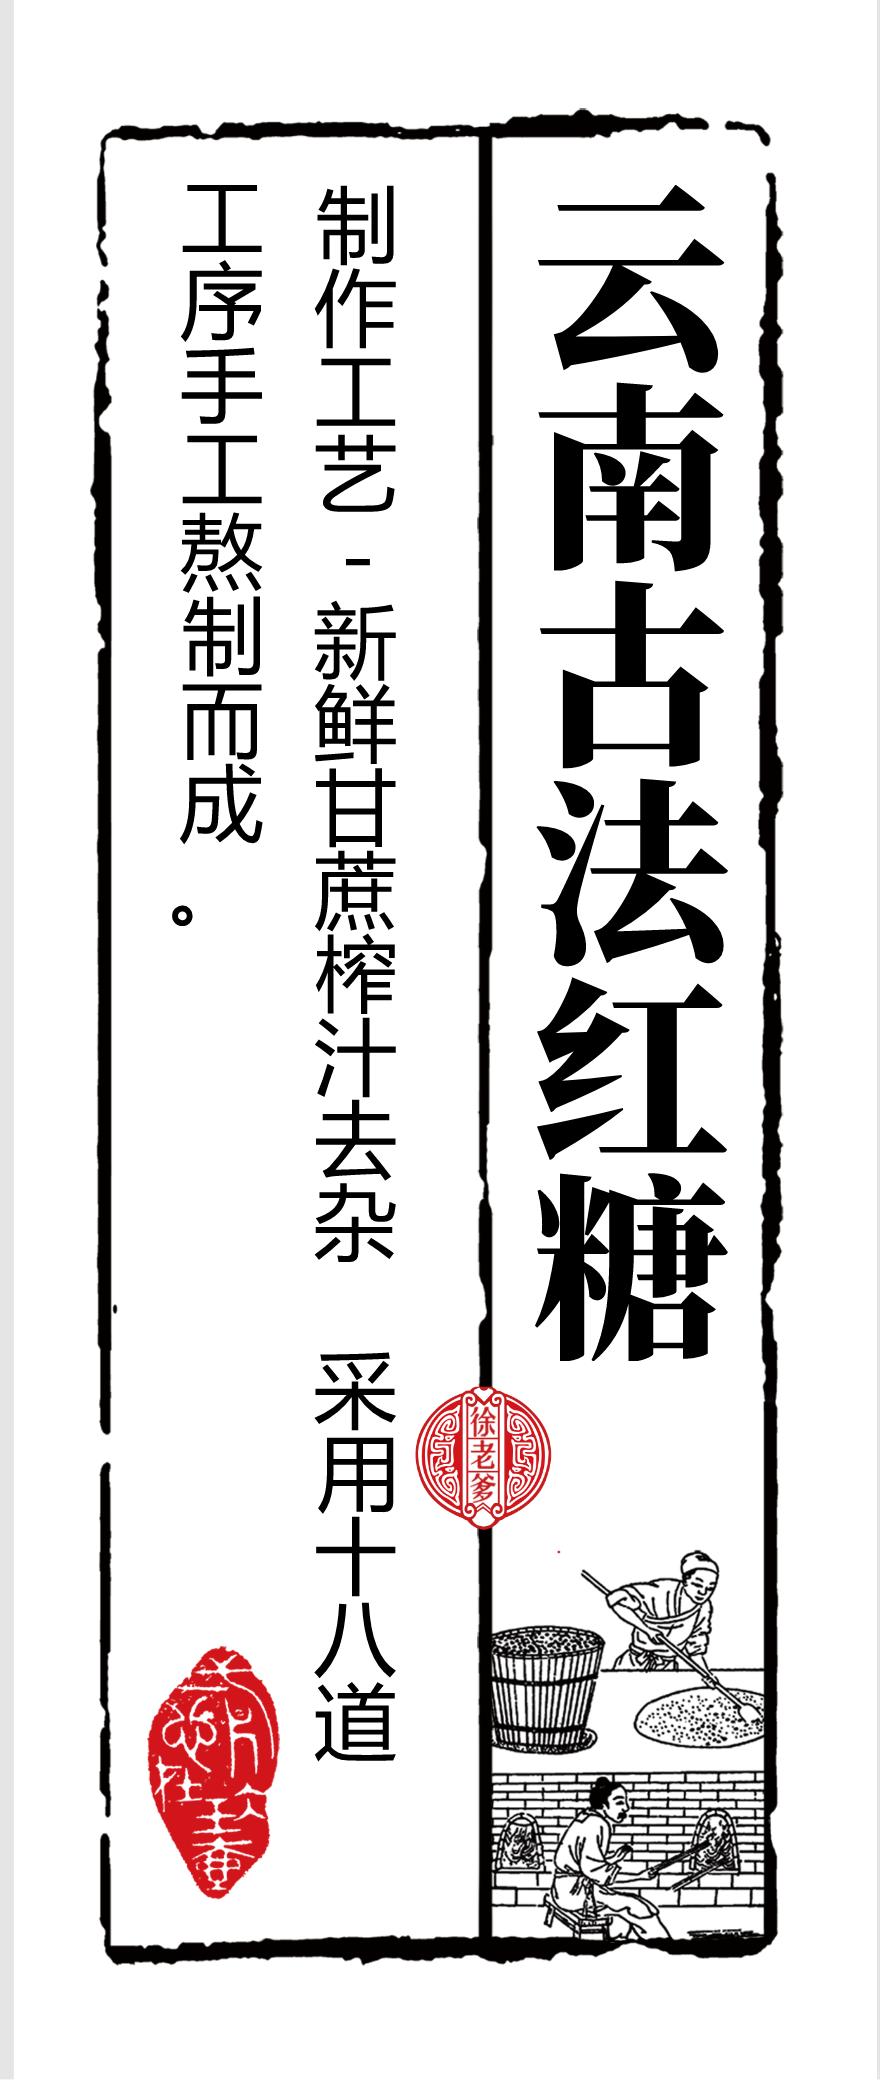 中國風不干膠貼簡潔設計